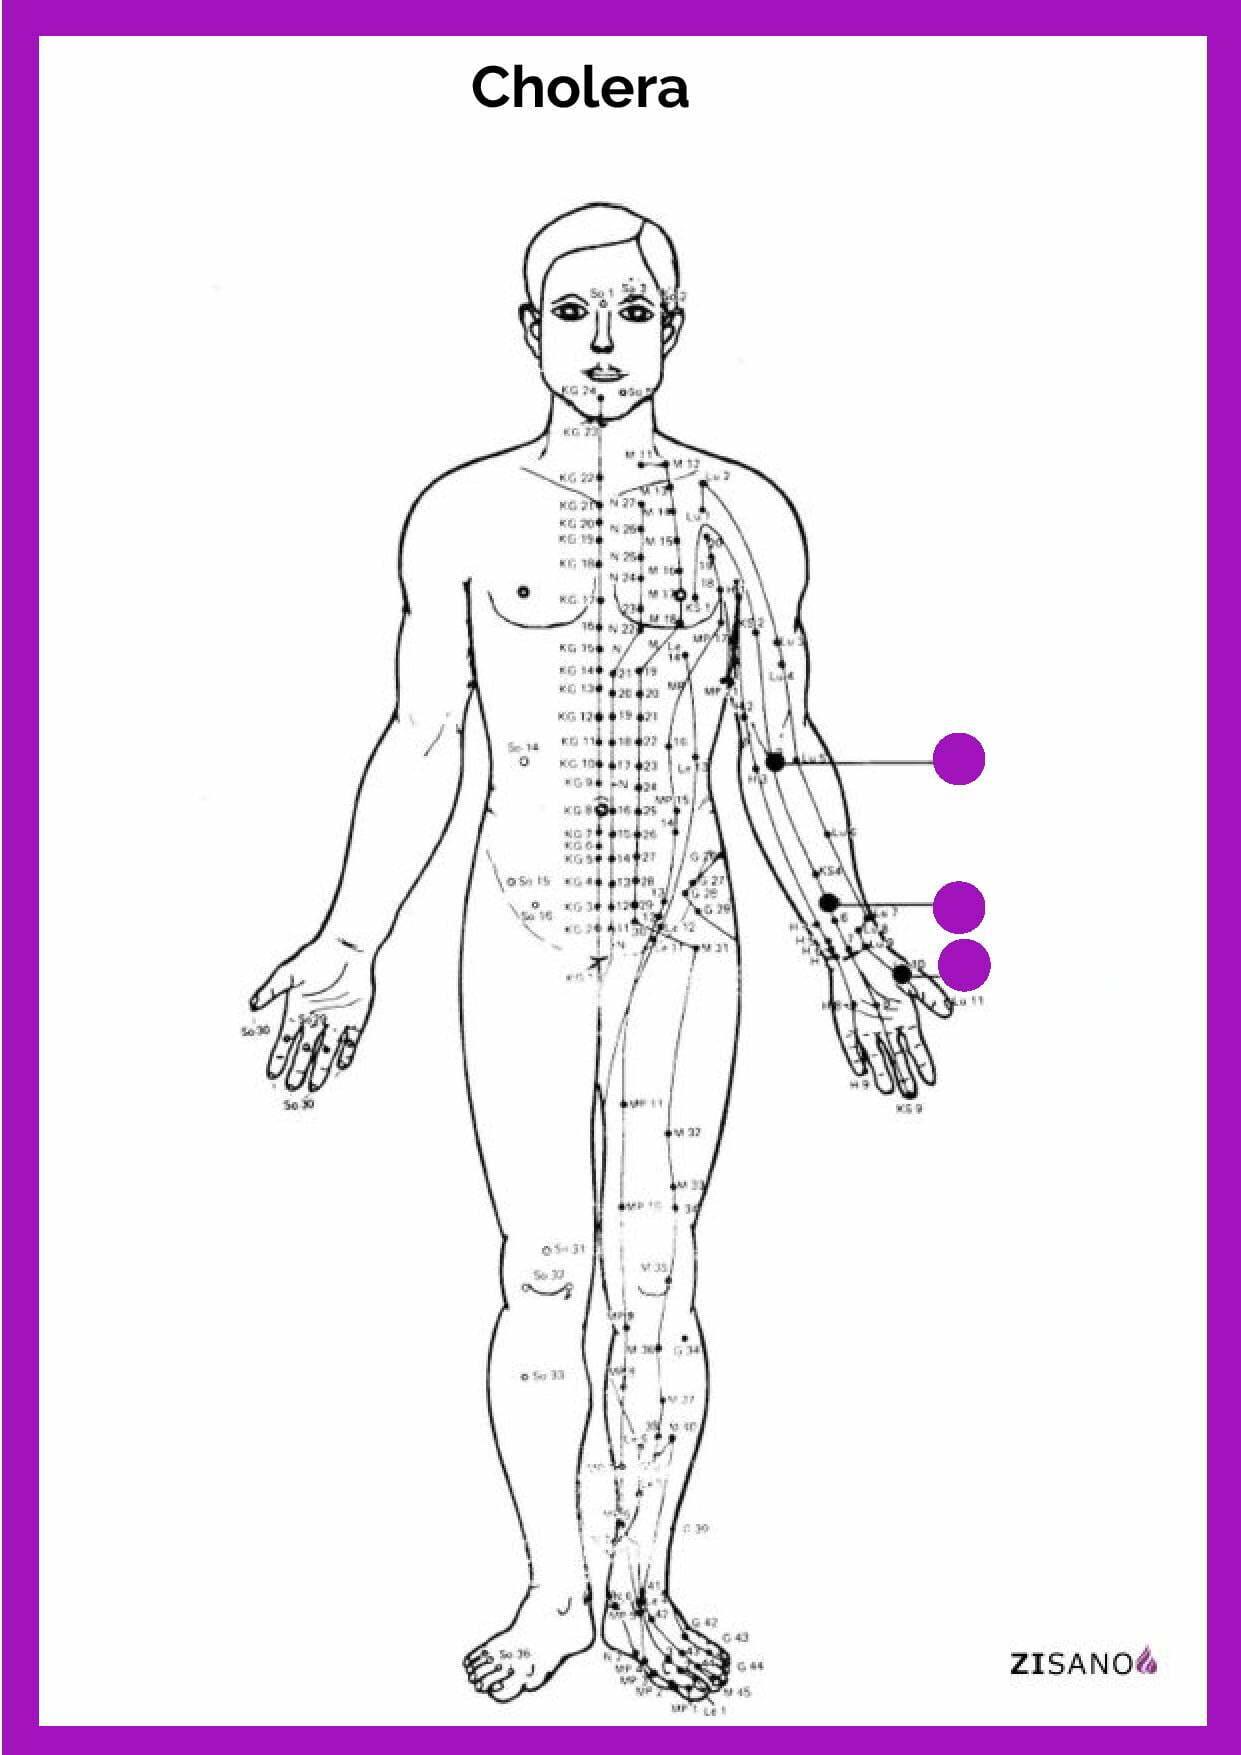 Meridiane - Cholera - Behandlung